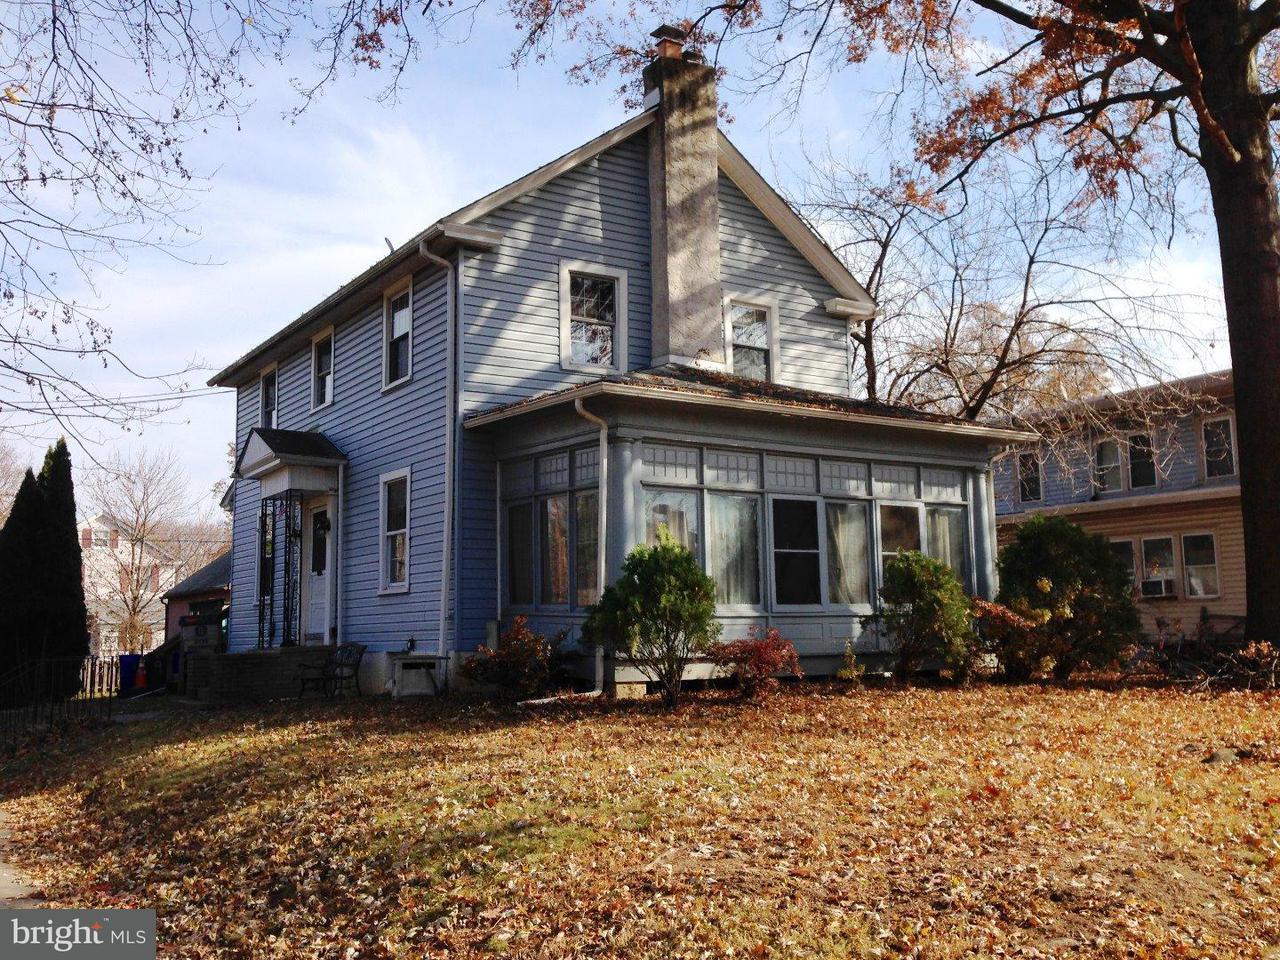 独户住宅 为 销售 在 9 RIDLEY Avenue Aldan, 宾夕法尼亚州 19018 美国